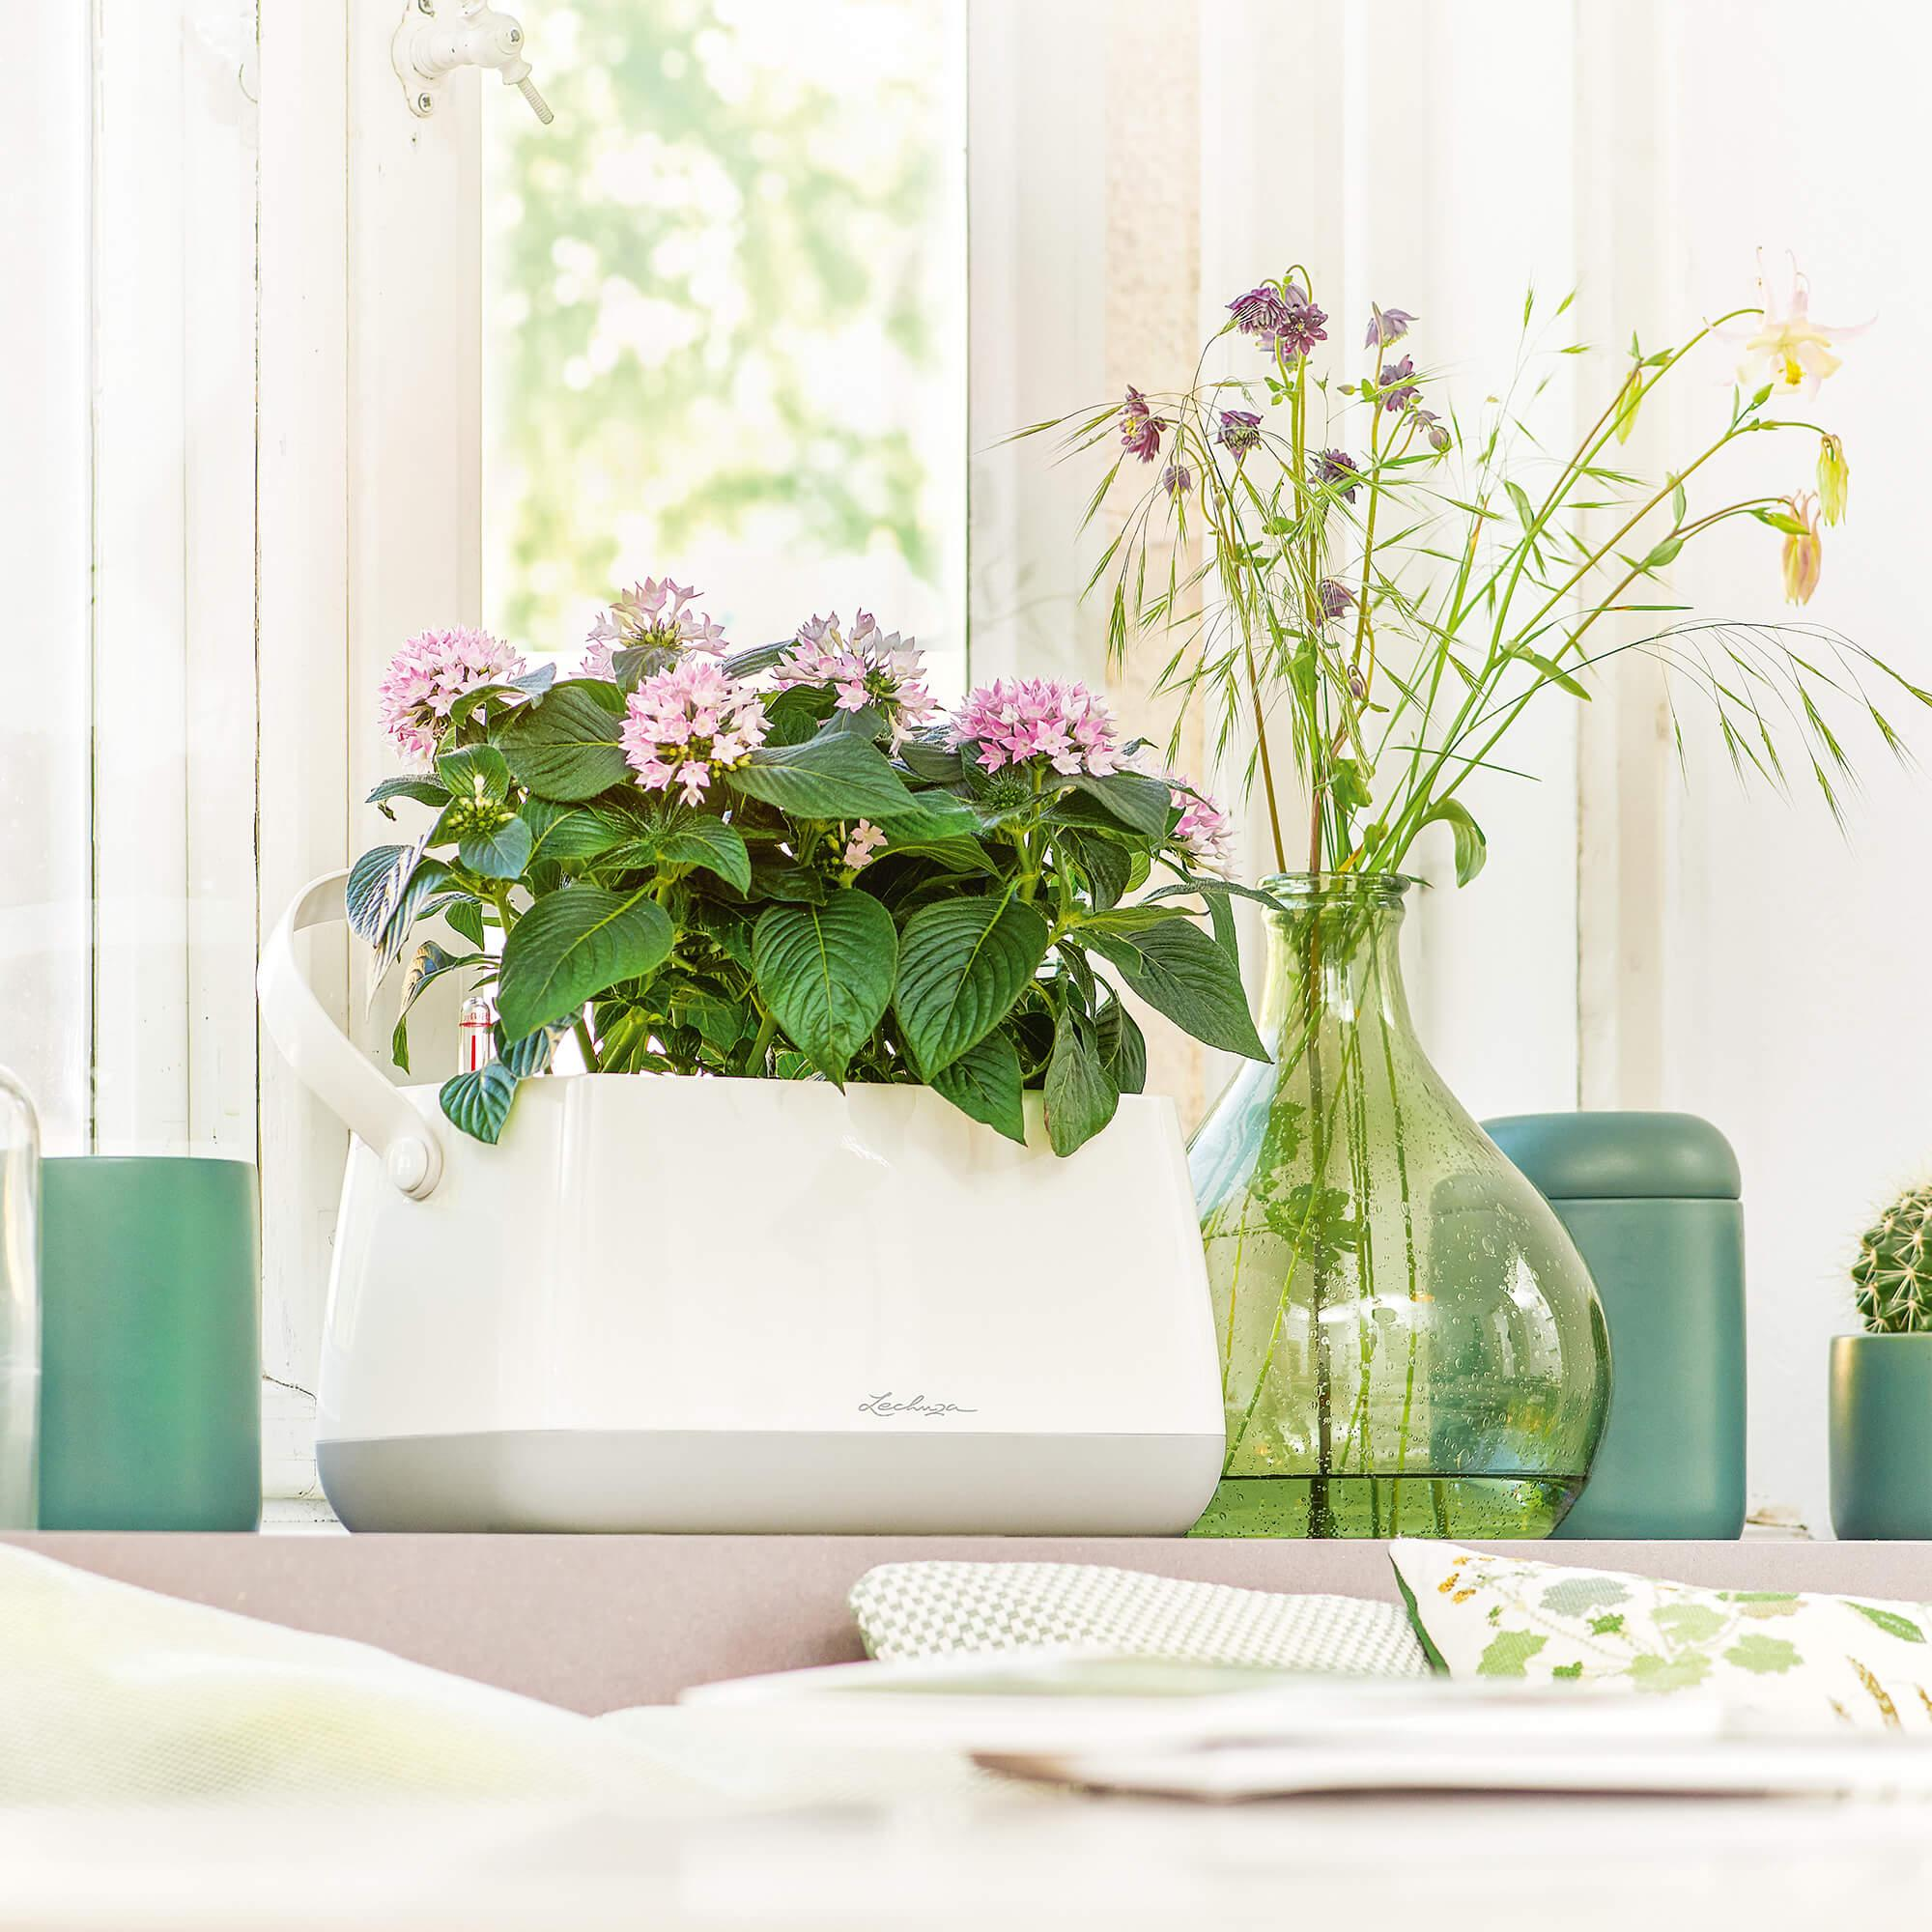 Корзинка для растений YULA белый/серый - изображение 5